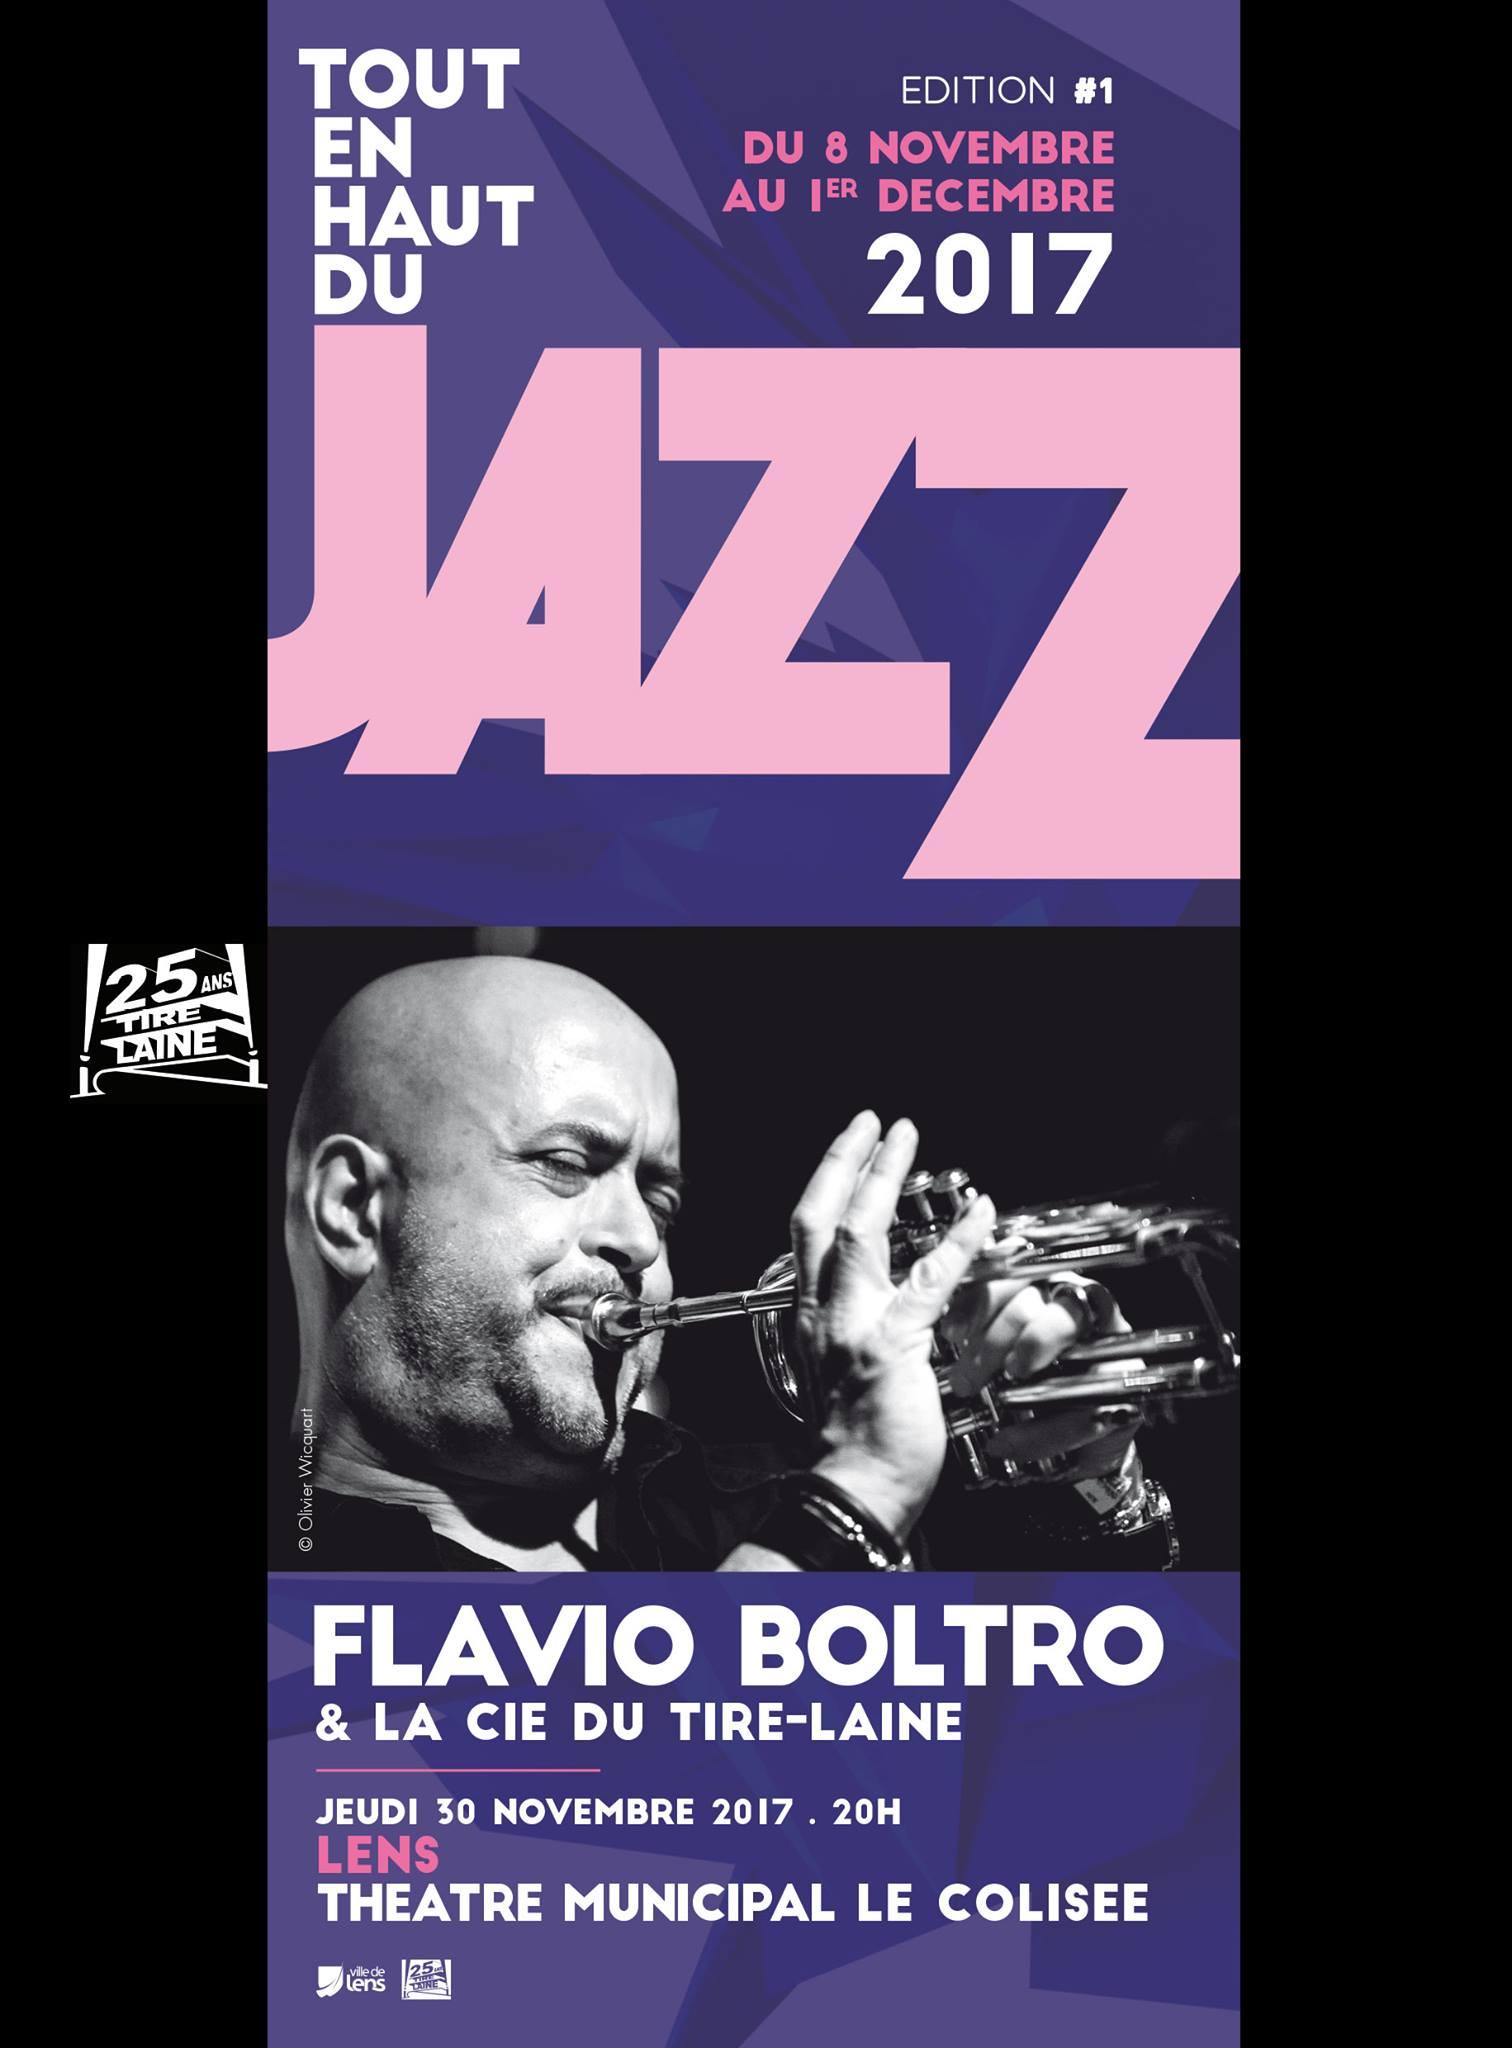 Flavio Boltro & Le jazz-band du Tire-Laine